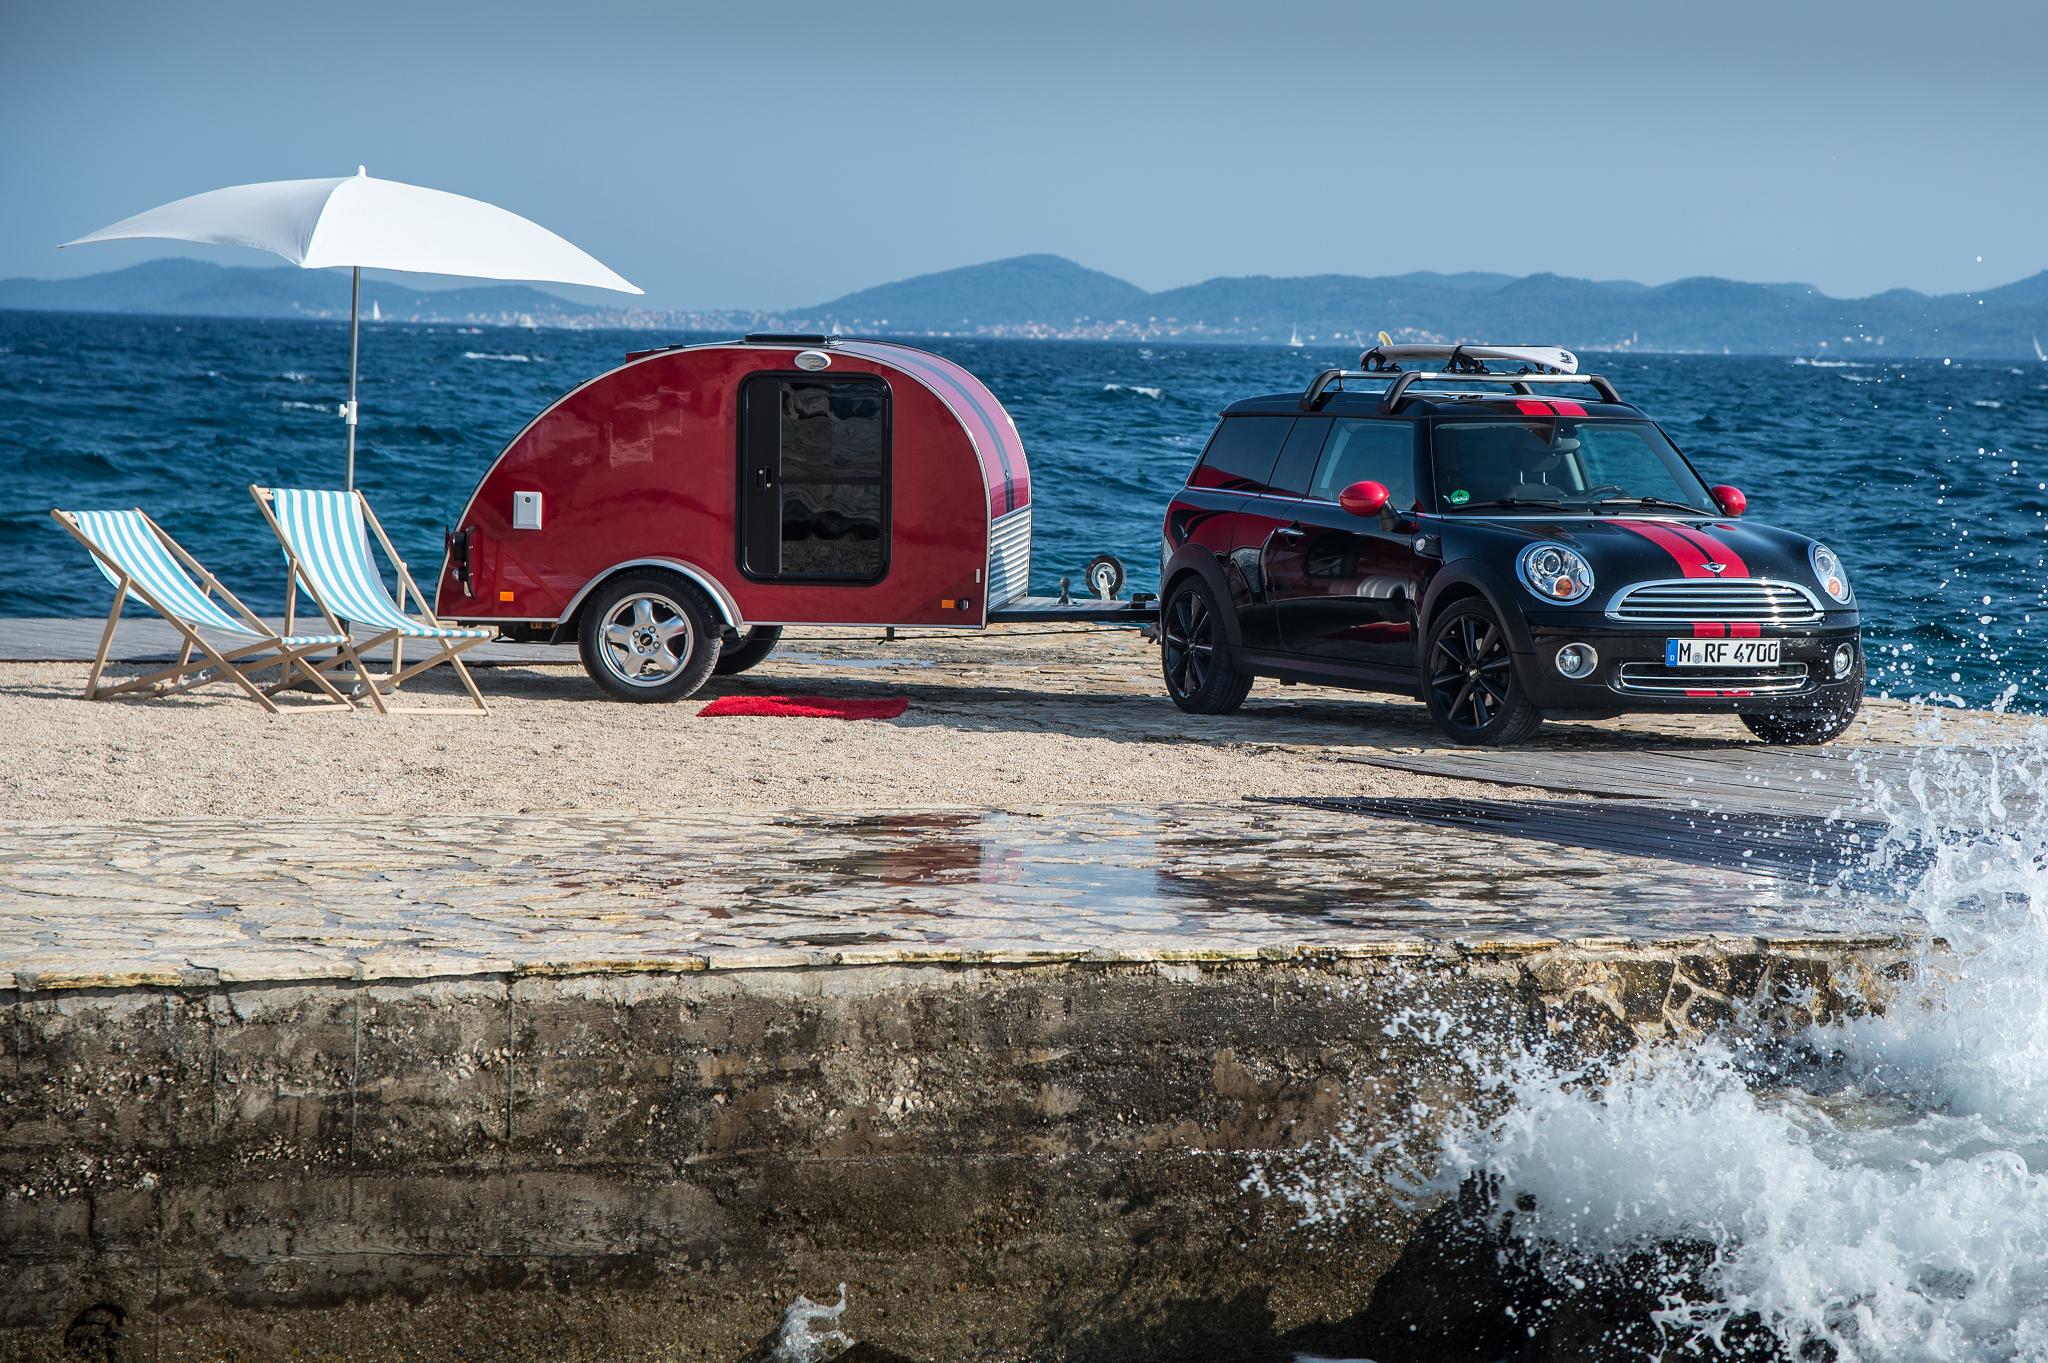 The MINI Cowley Caravan 1